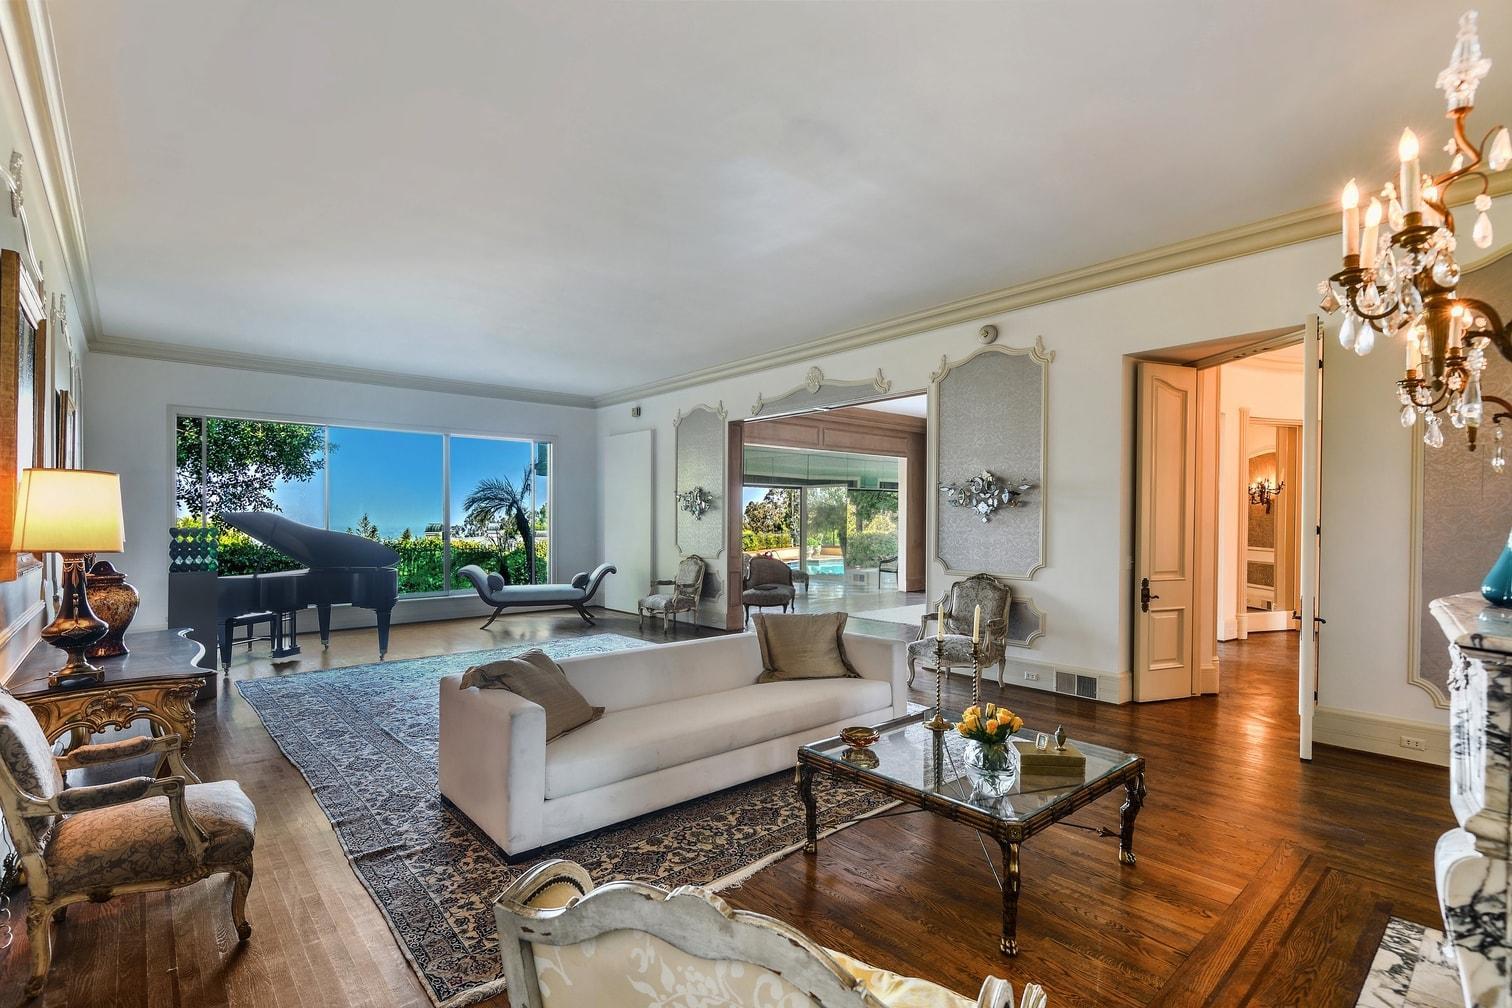 verschnörkelten Luxusvilla in dem Nobelviertel Bel Air empfing Zsa Zsa Gabor einst Stars wie Frank Sinatra und Elizabeth Taylor. Dort feierte die glamouröse Diva mit Studiobossen und Politikern. Ihr achter Ehemann